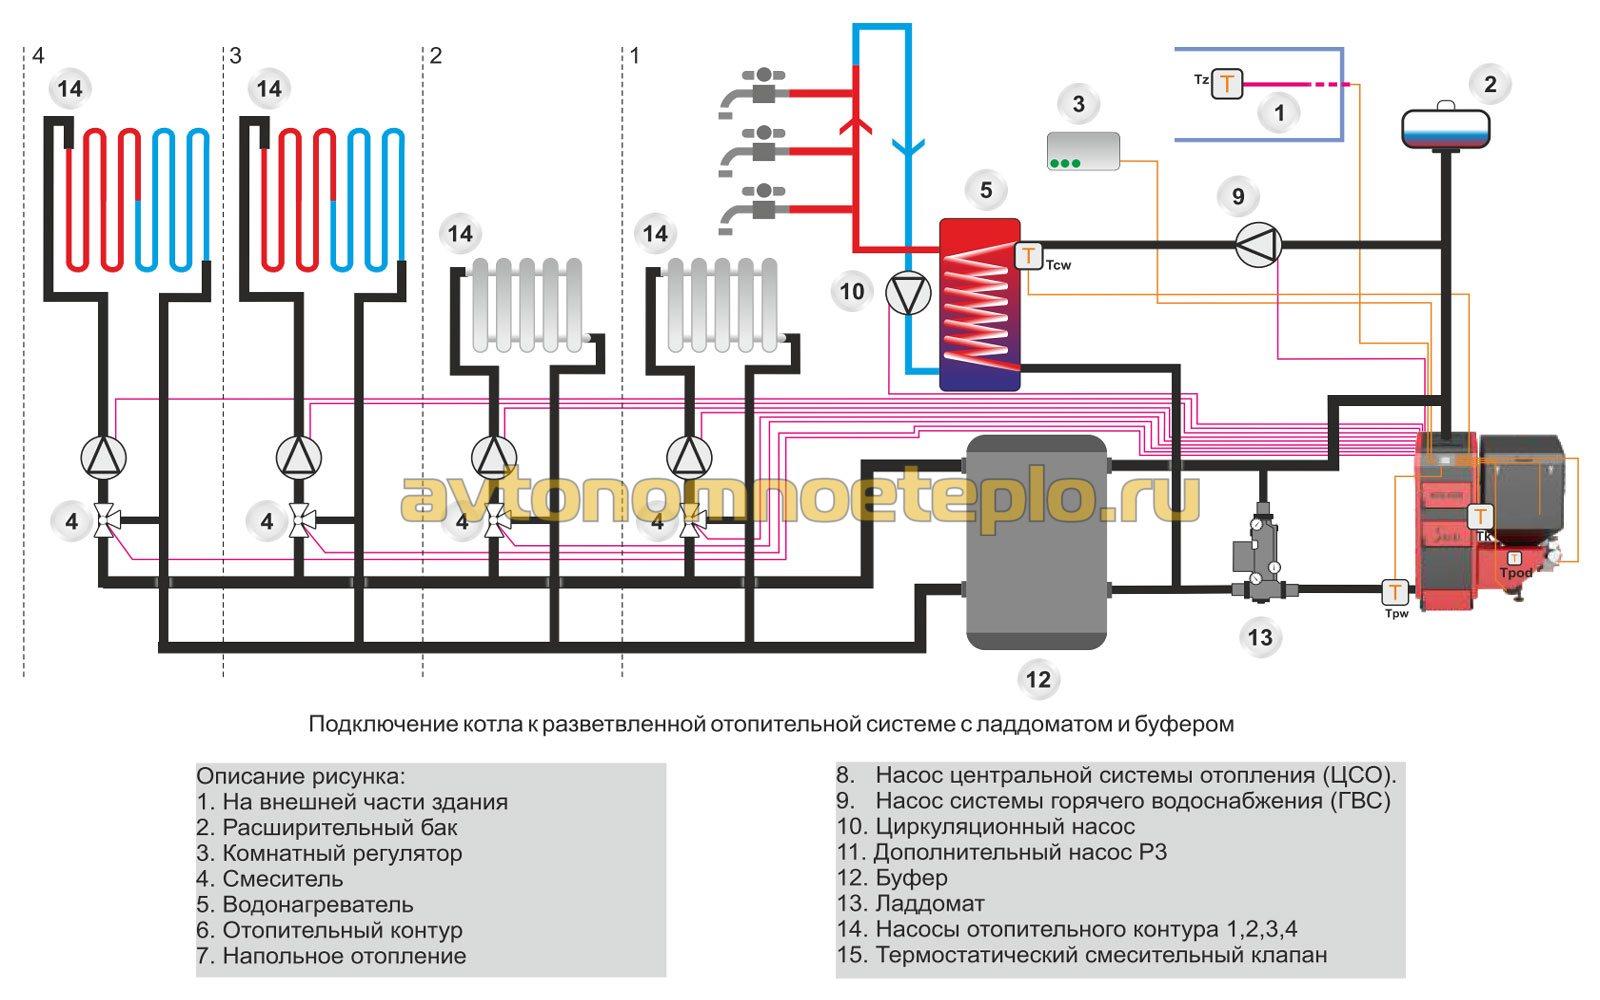 обвязка котла с буферной емкостью, радиаторами, теплыми полами